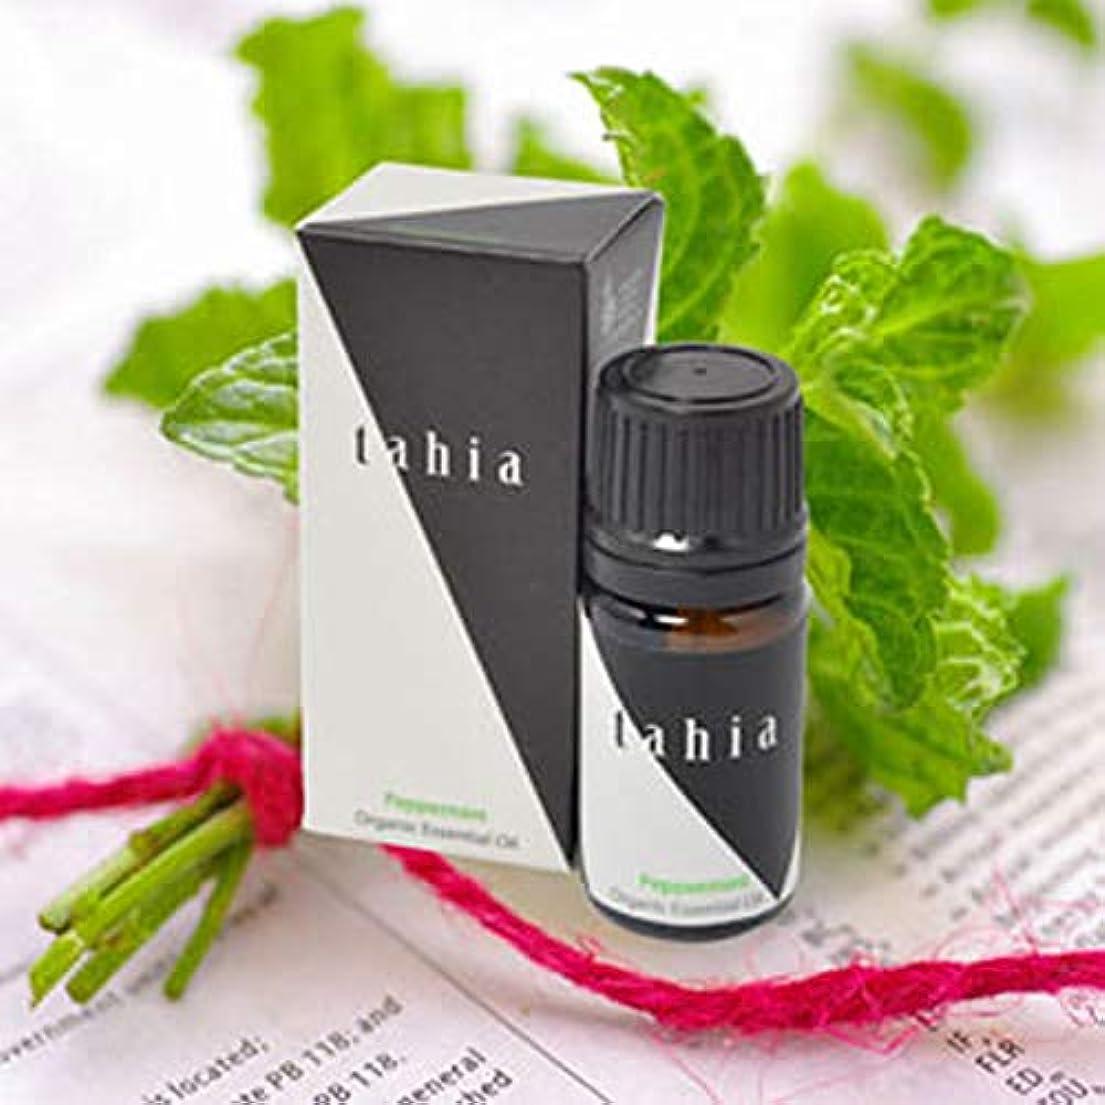 ハウジングハイブリッド苛性タツフト タヒア tahia ペパーミント  エッセンシャルオイル オーガニック 芳香 精油